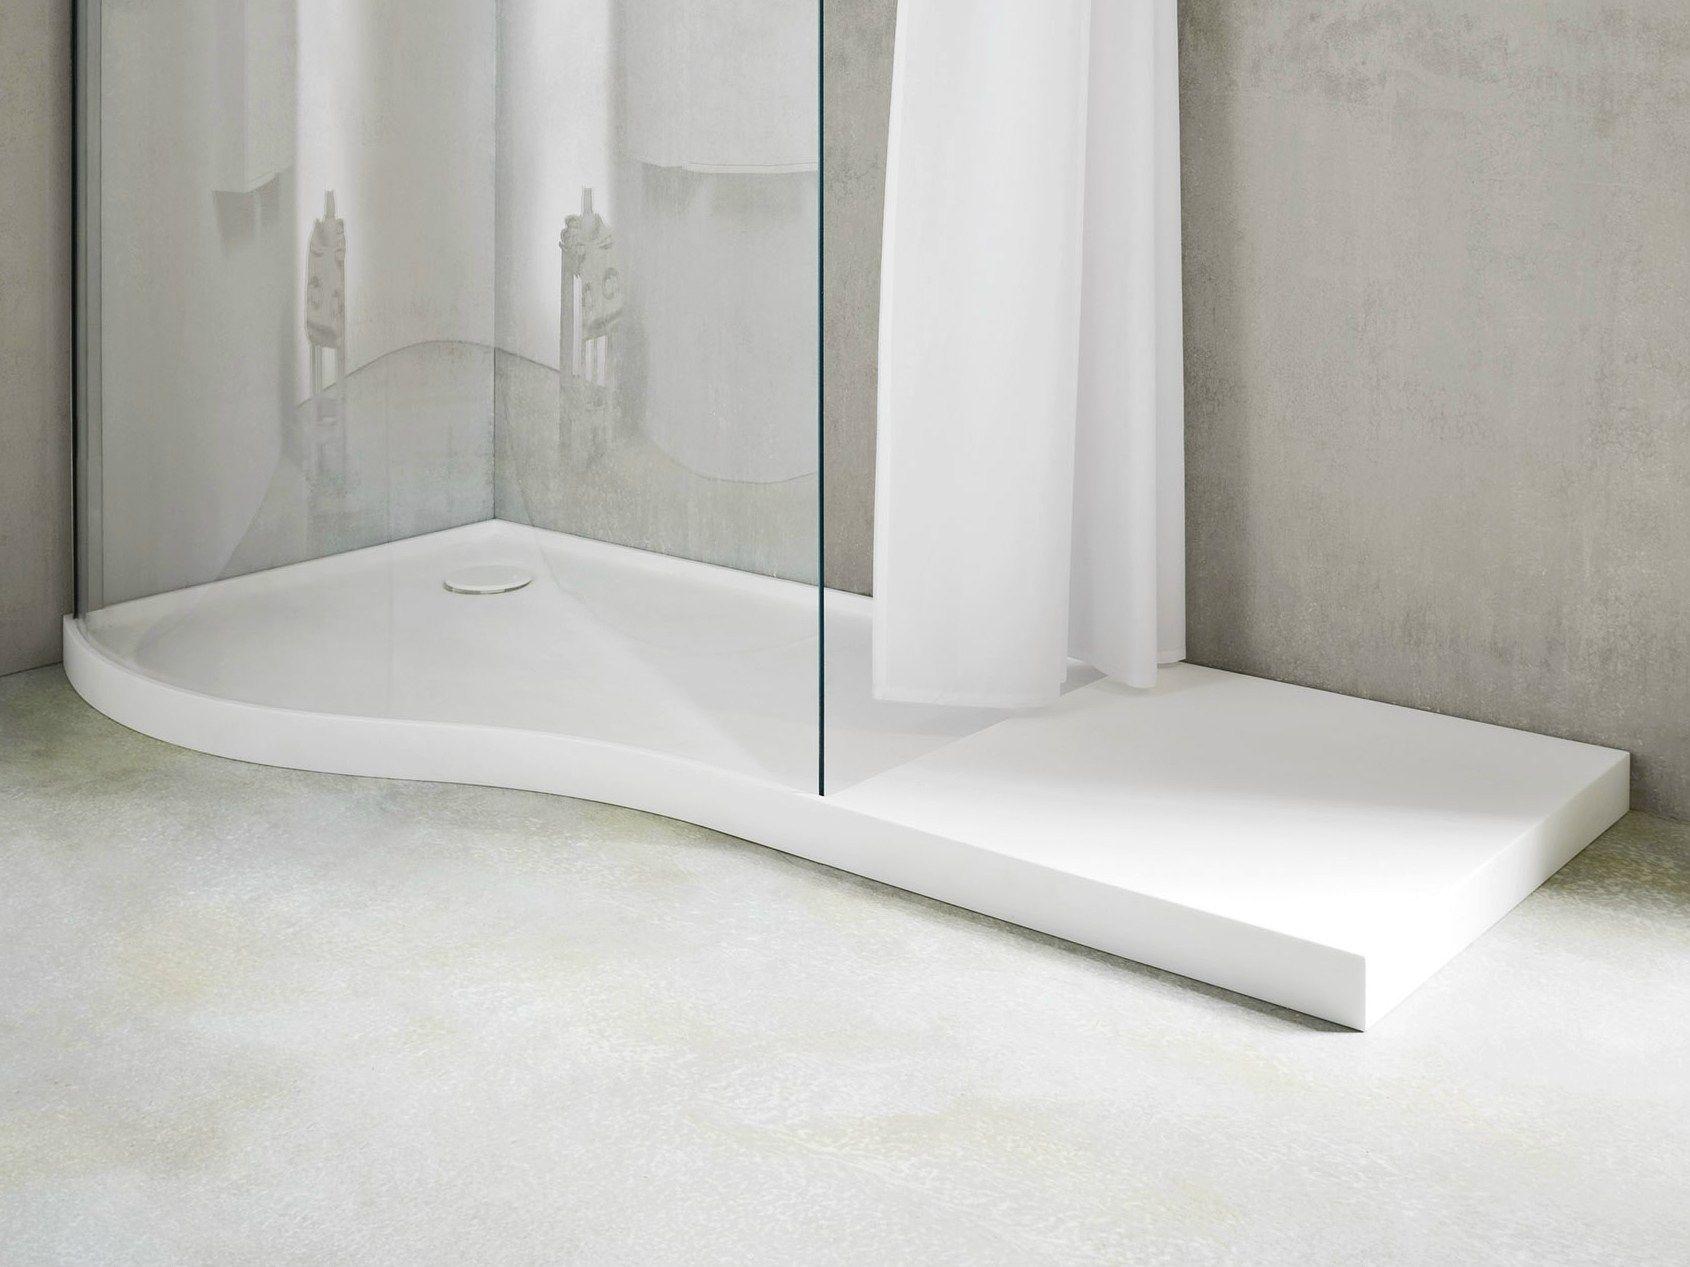 Boma receveur de douche en korakril by rexa design design for Receveur de douche design